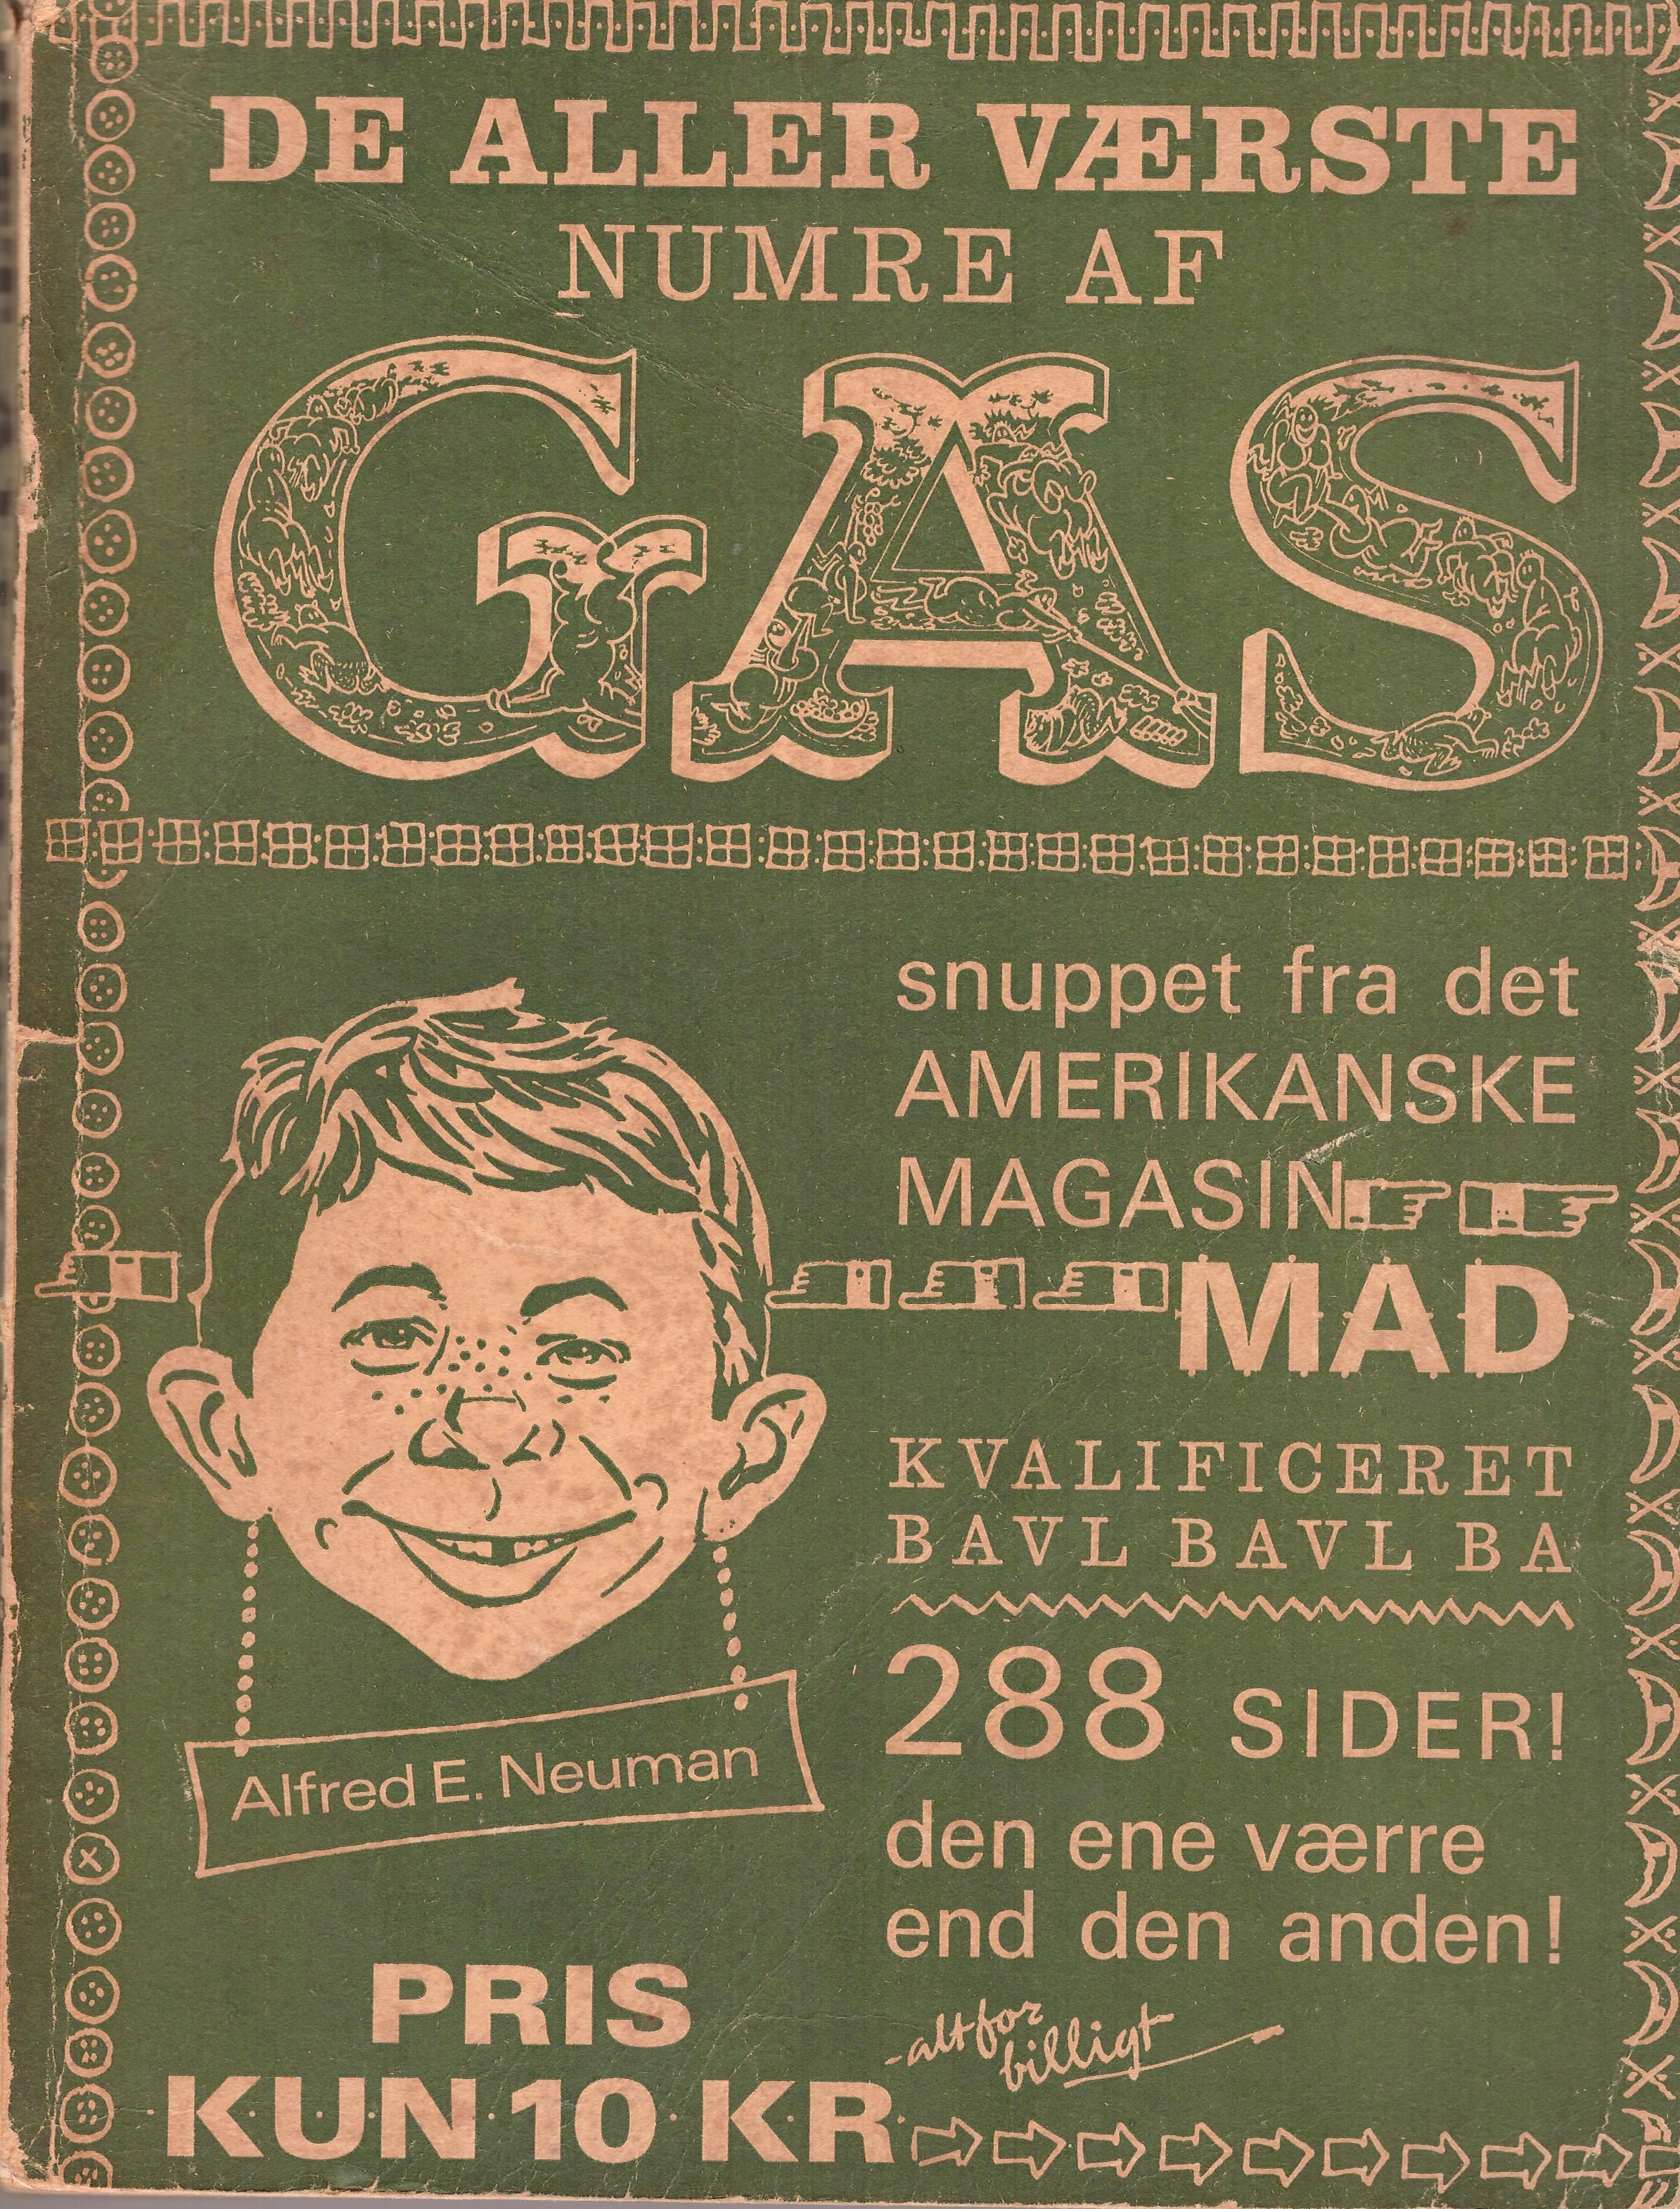 De Aller Vǽrste Numre Af Mad 1962 #1 • Denmark • 1st Edition - Williams